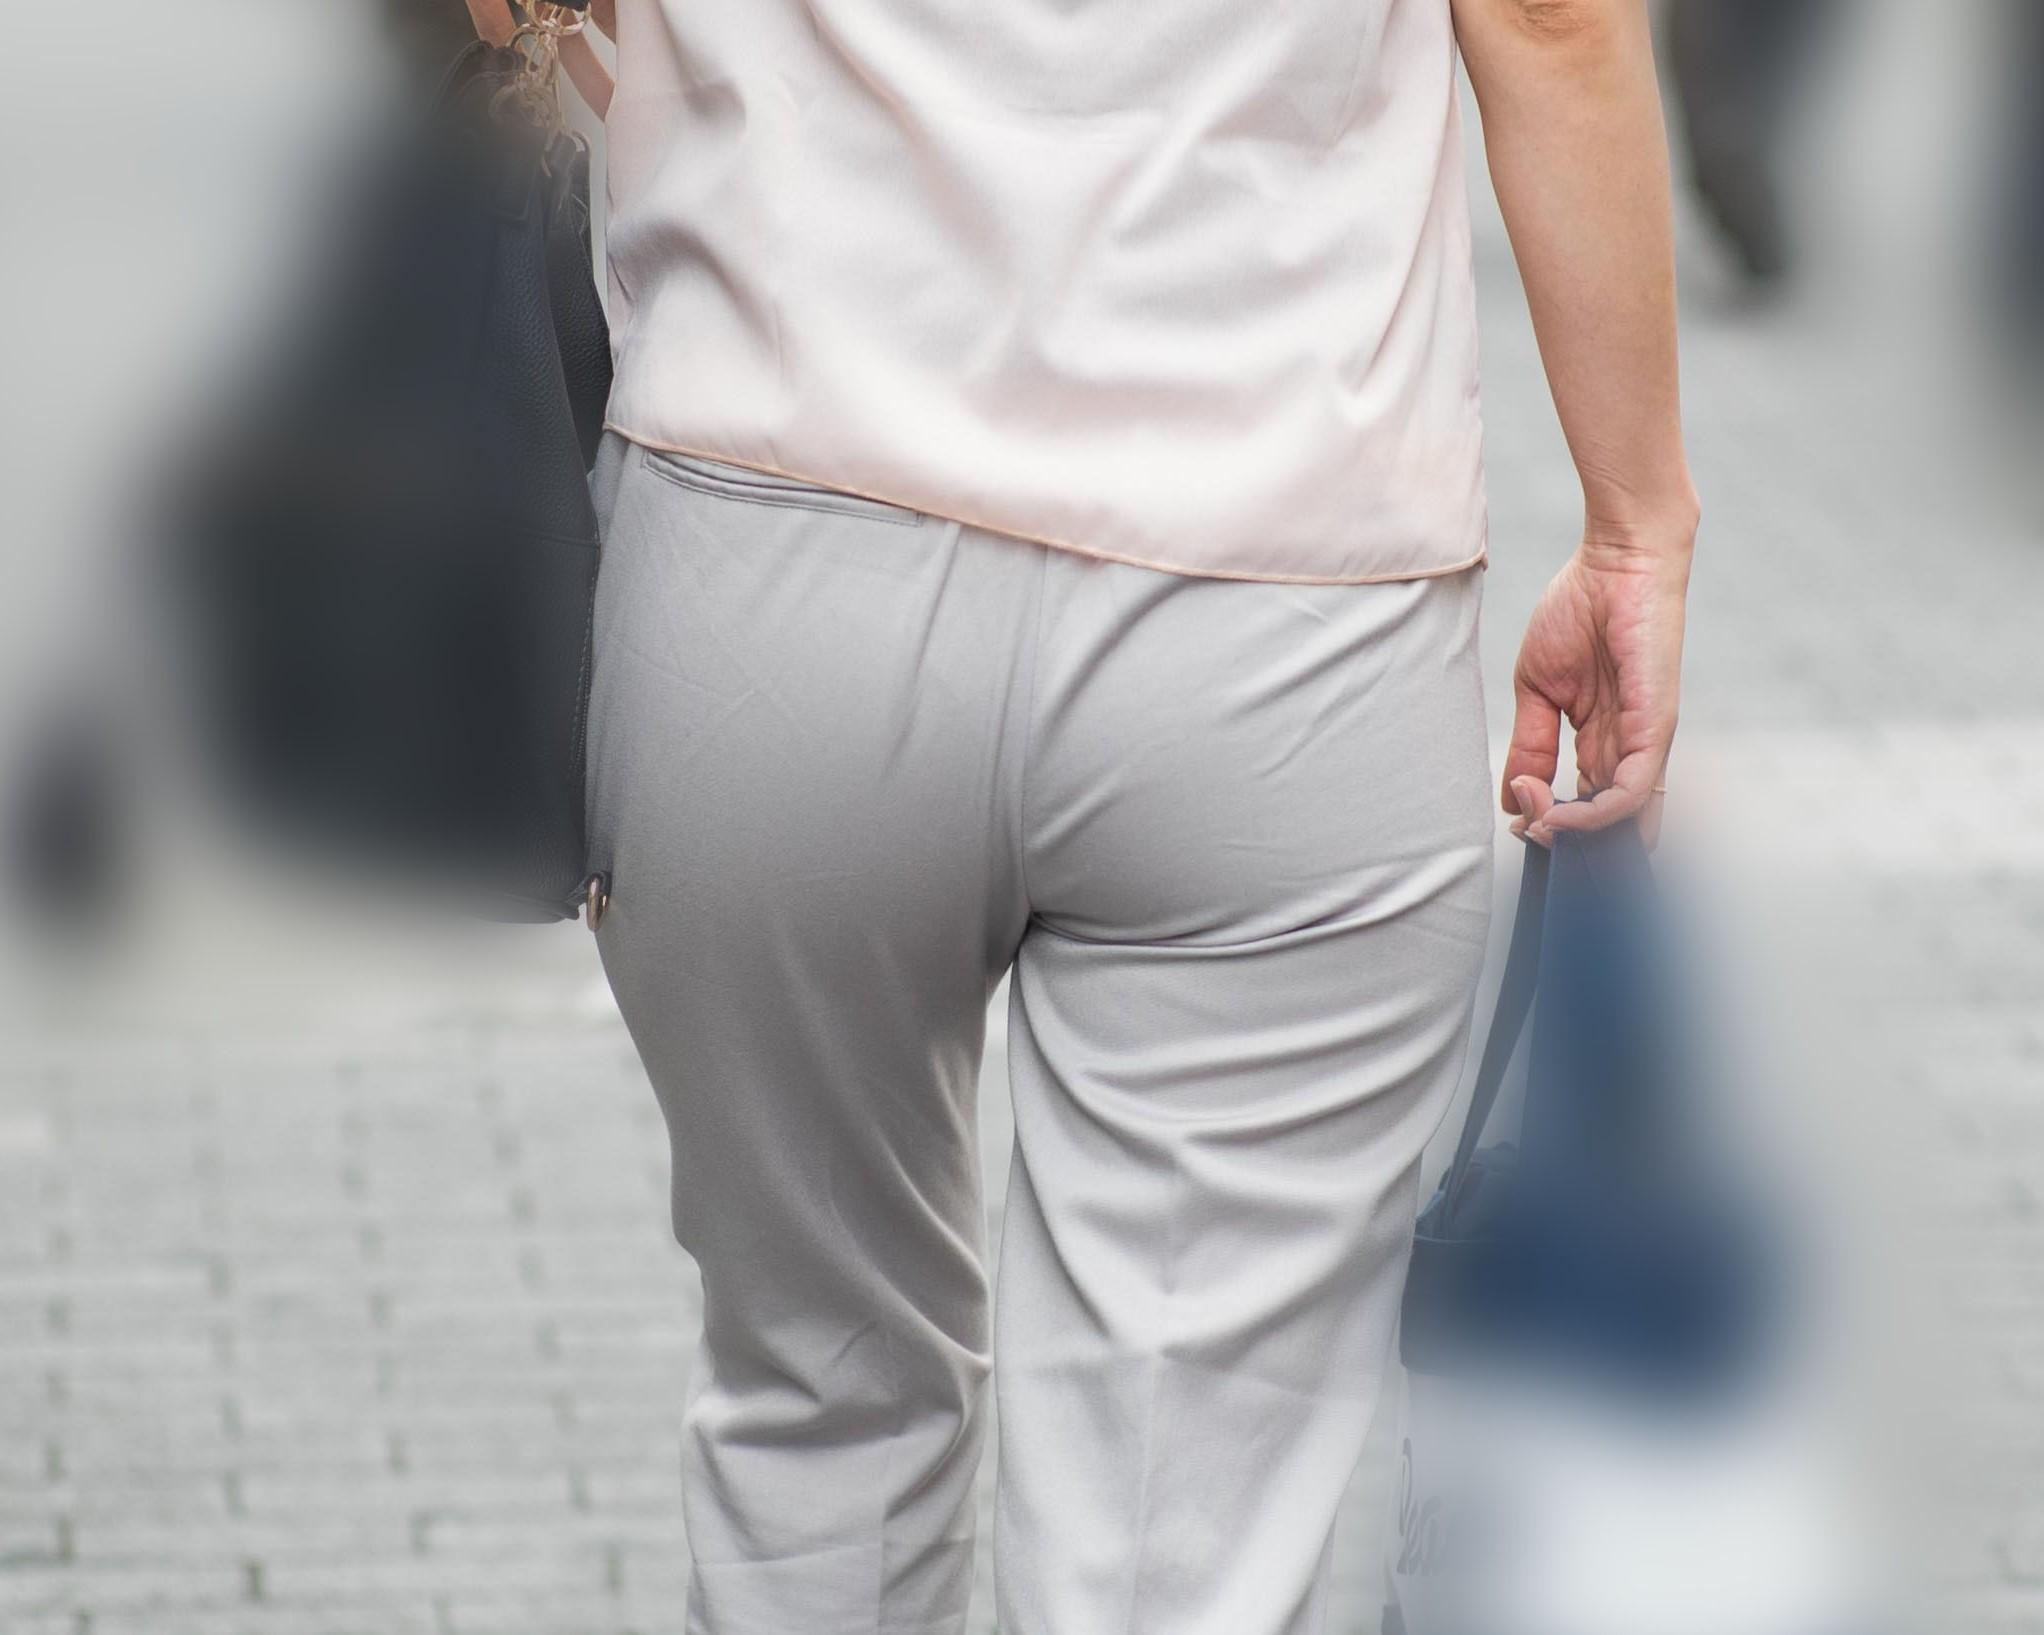 【街撮り】ツルンとまぁるいお尻のパンツスタイルのOLさん